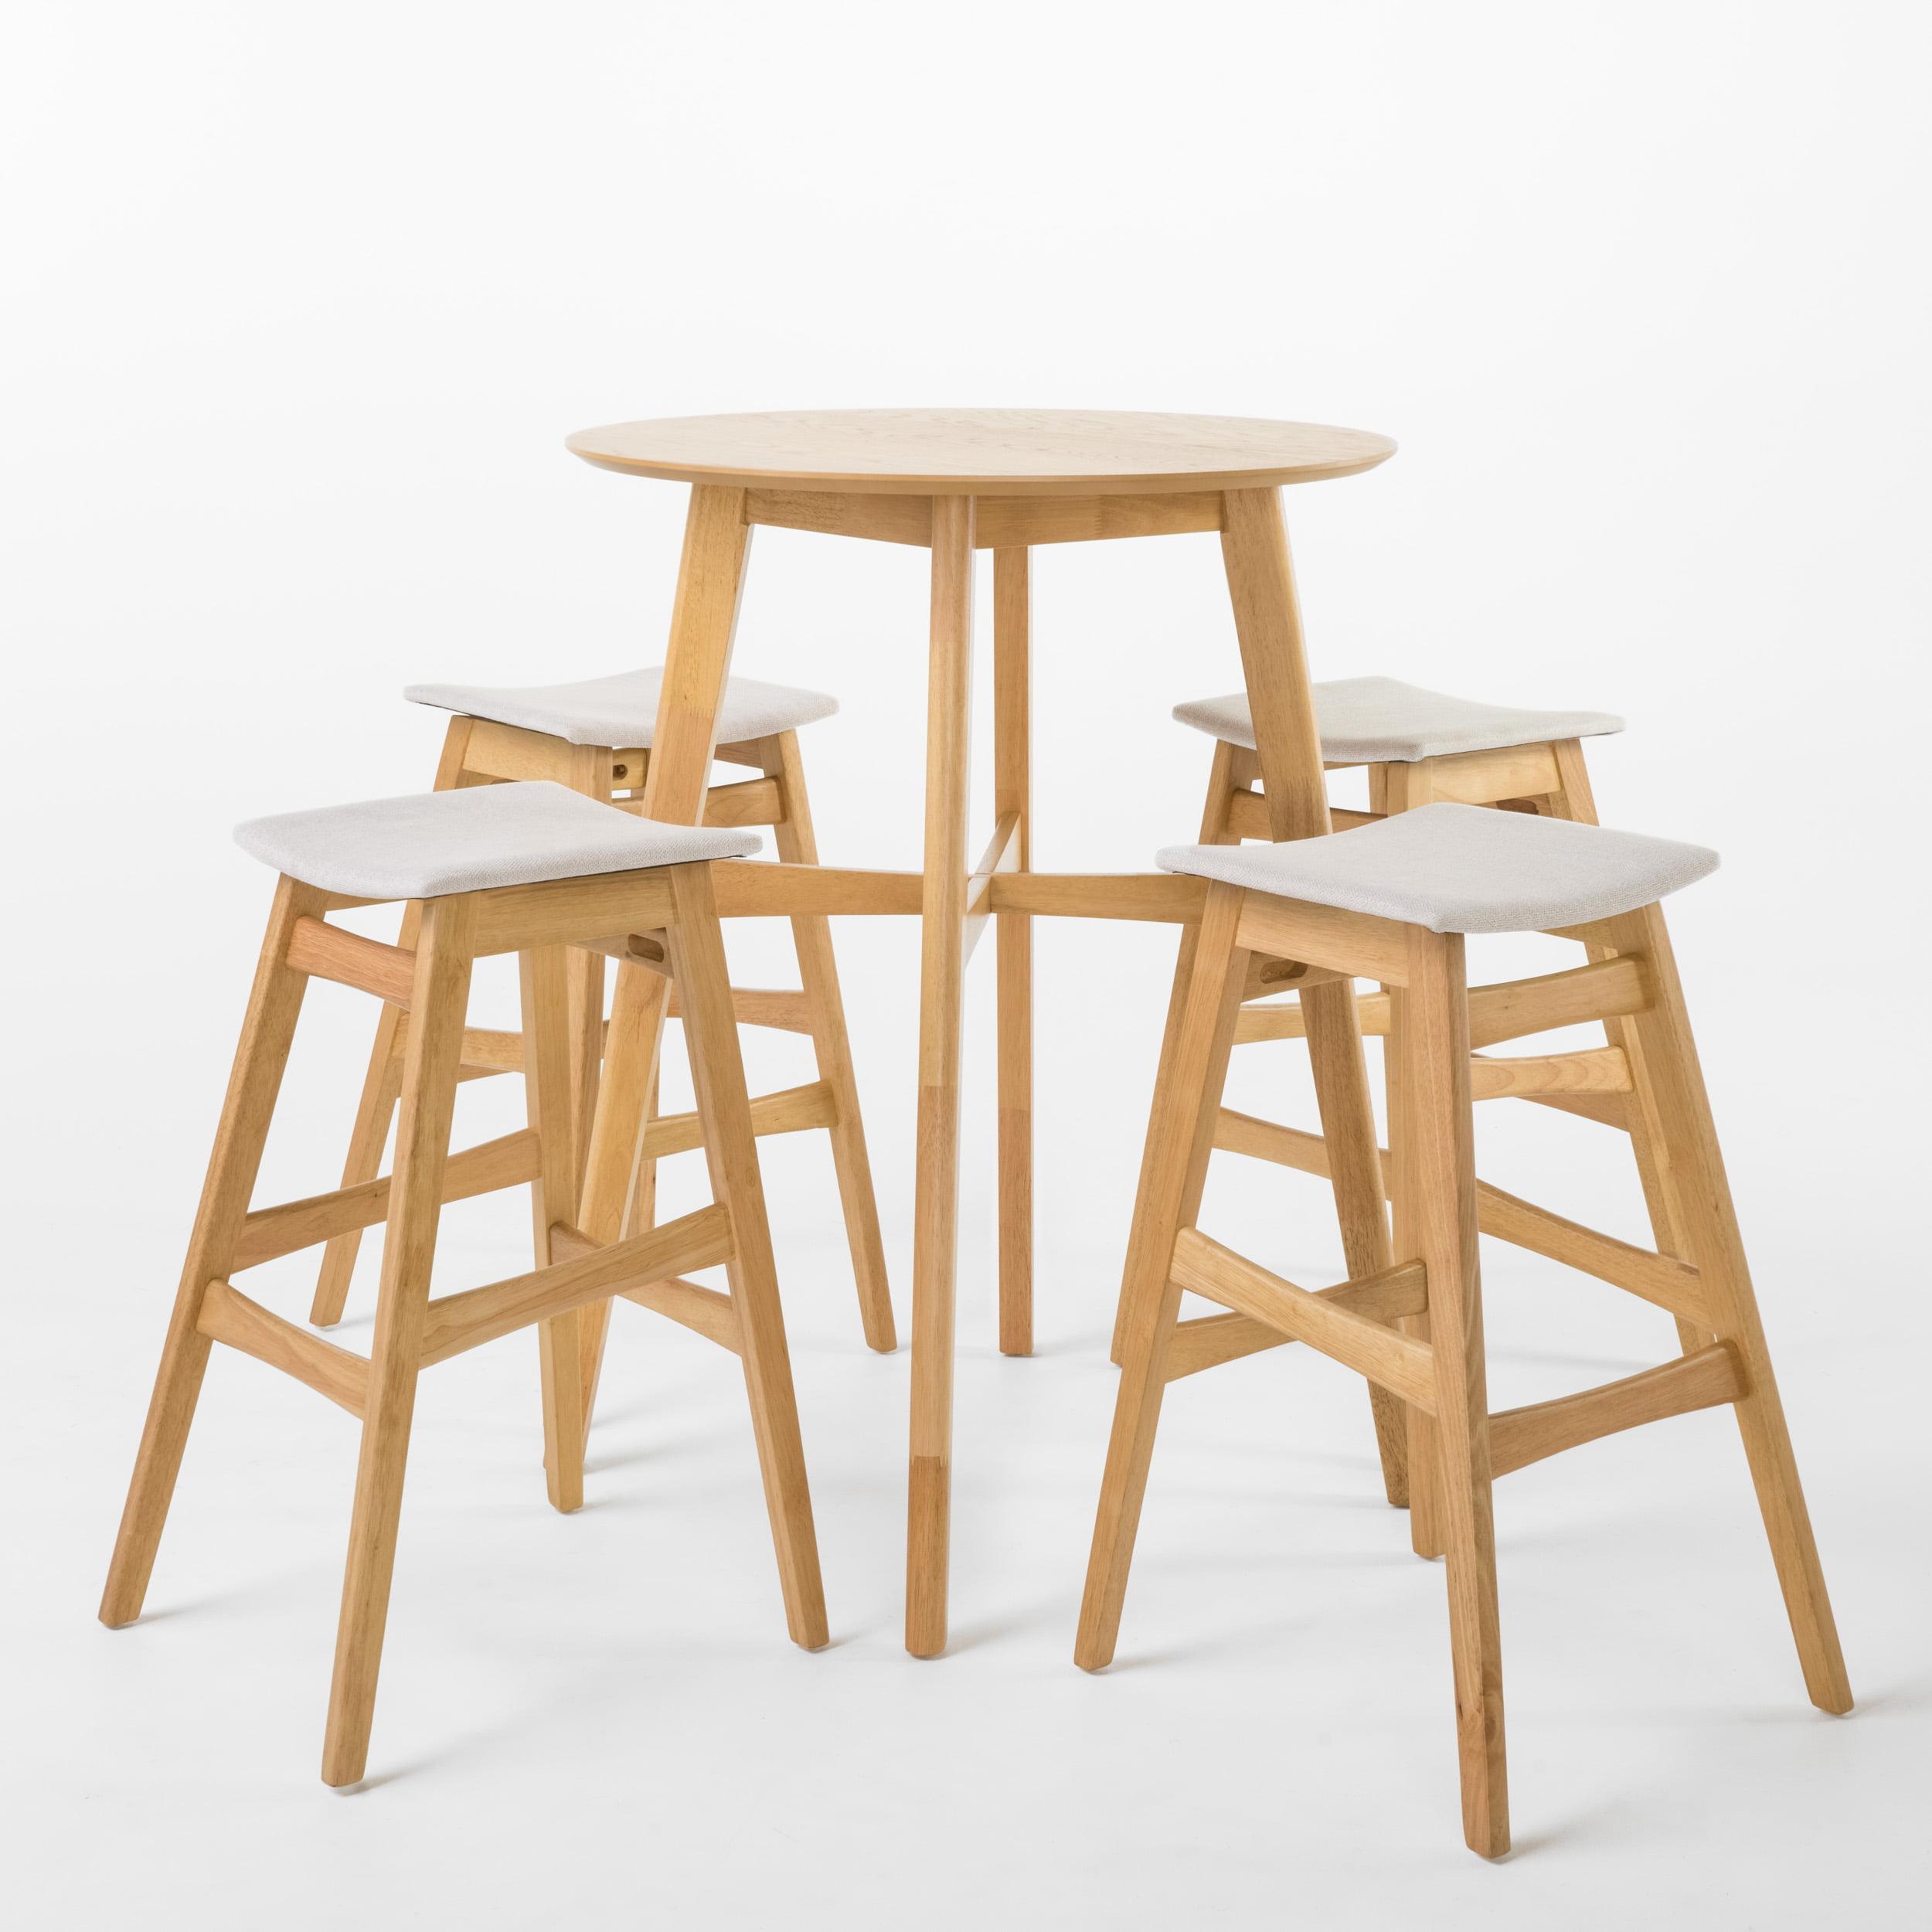 Lassette Circular 5-Piece Bar Height Dining Set, Light Beige/ Natural Oak Finish